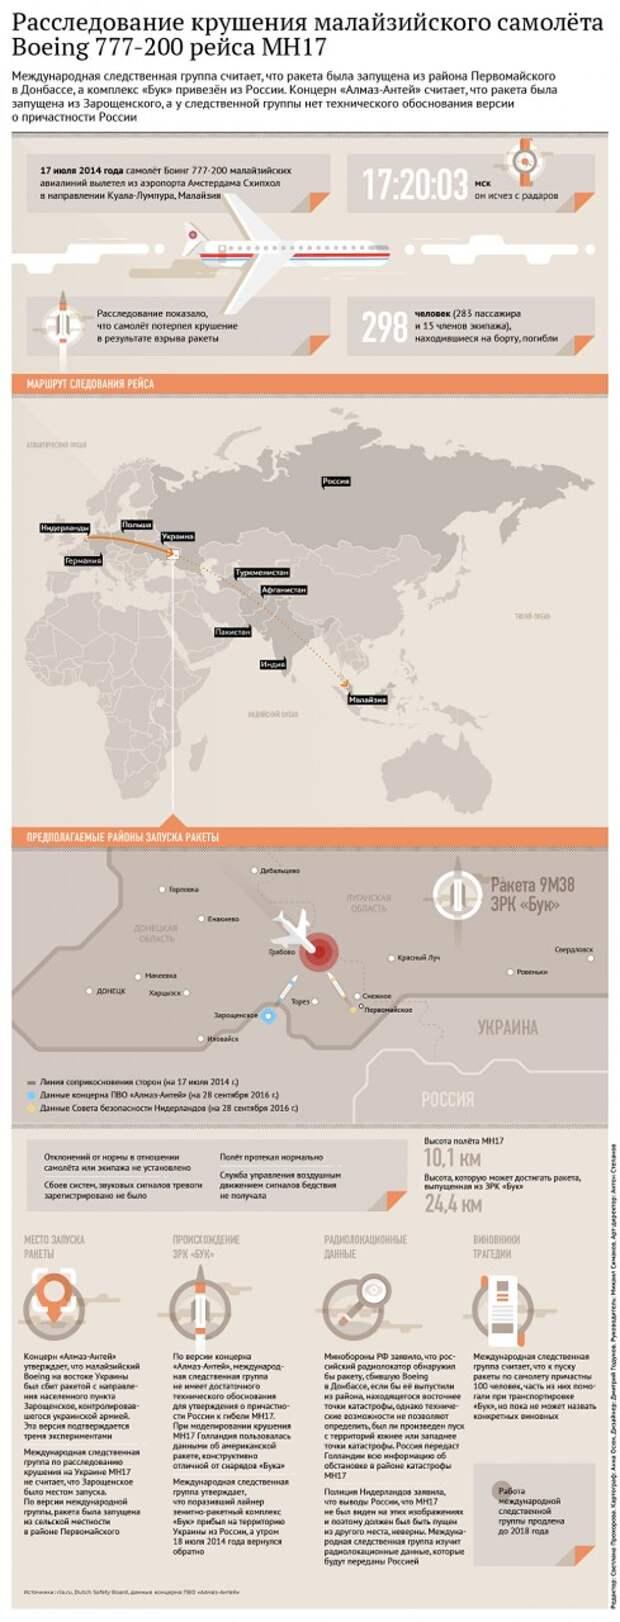 В Нидерландах не смогли расшифровать переданные Россией данные по MH17